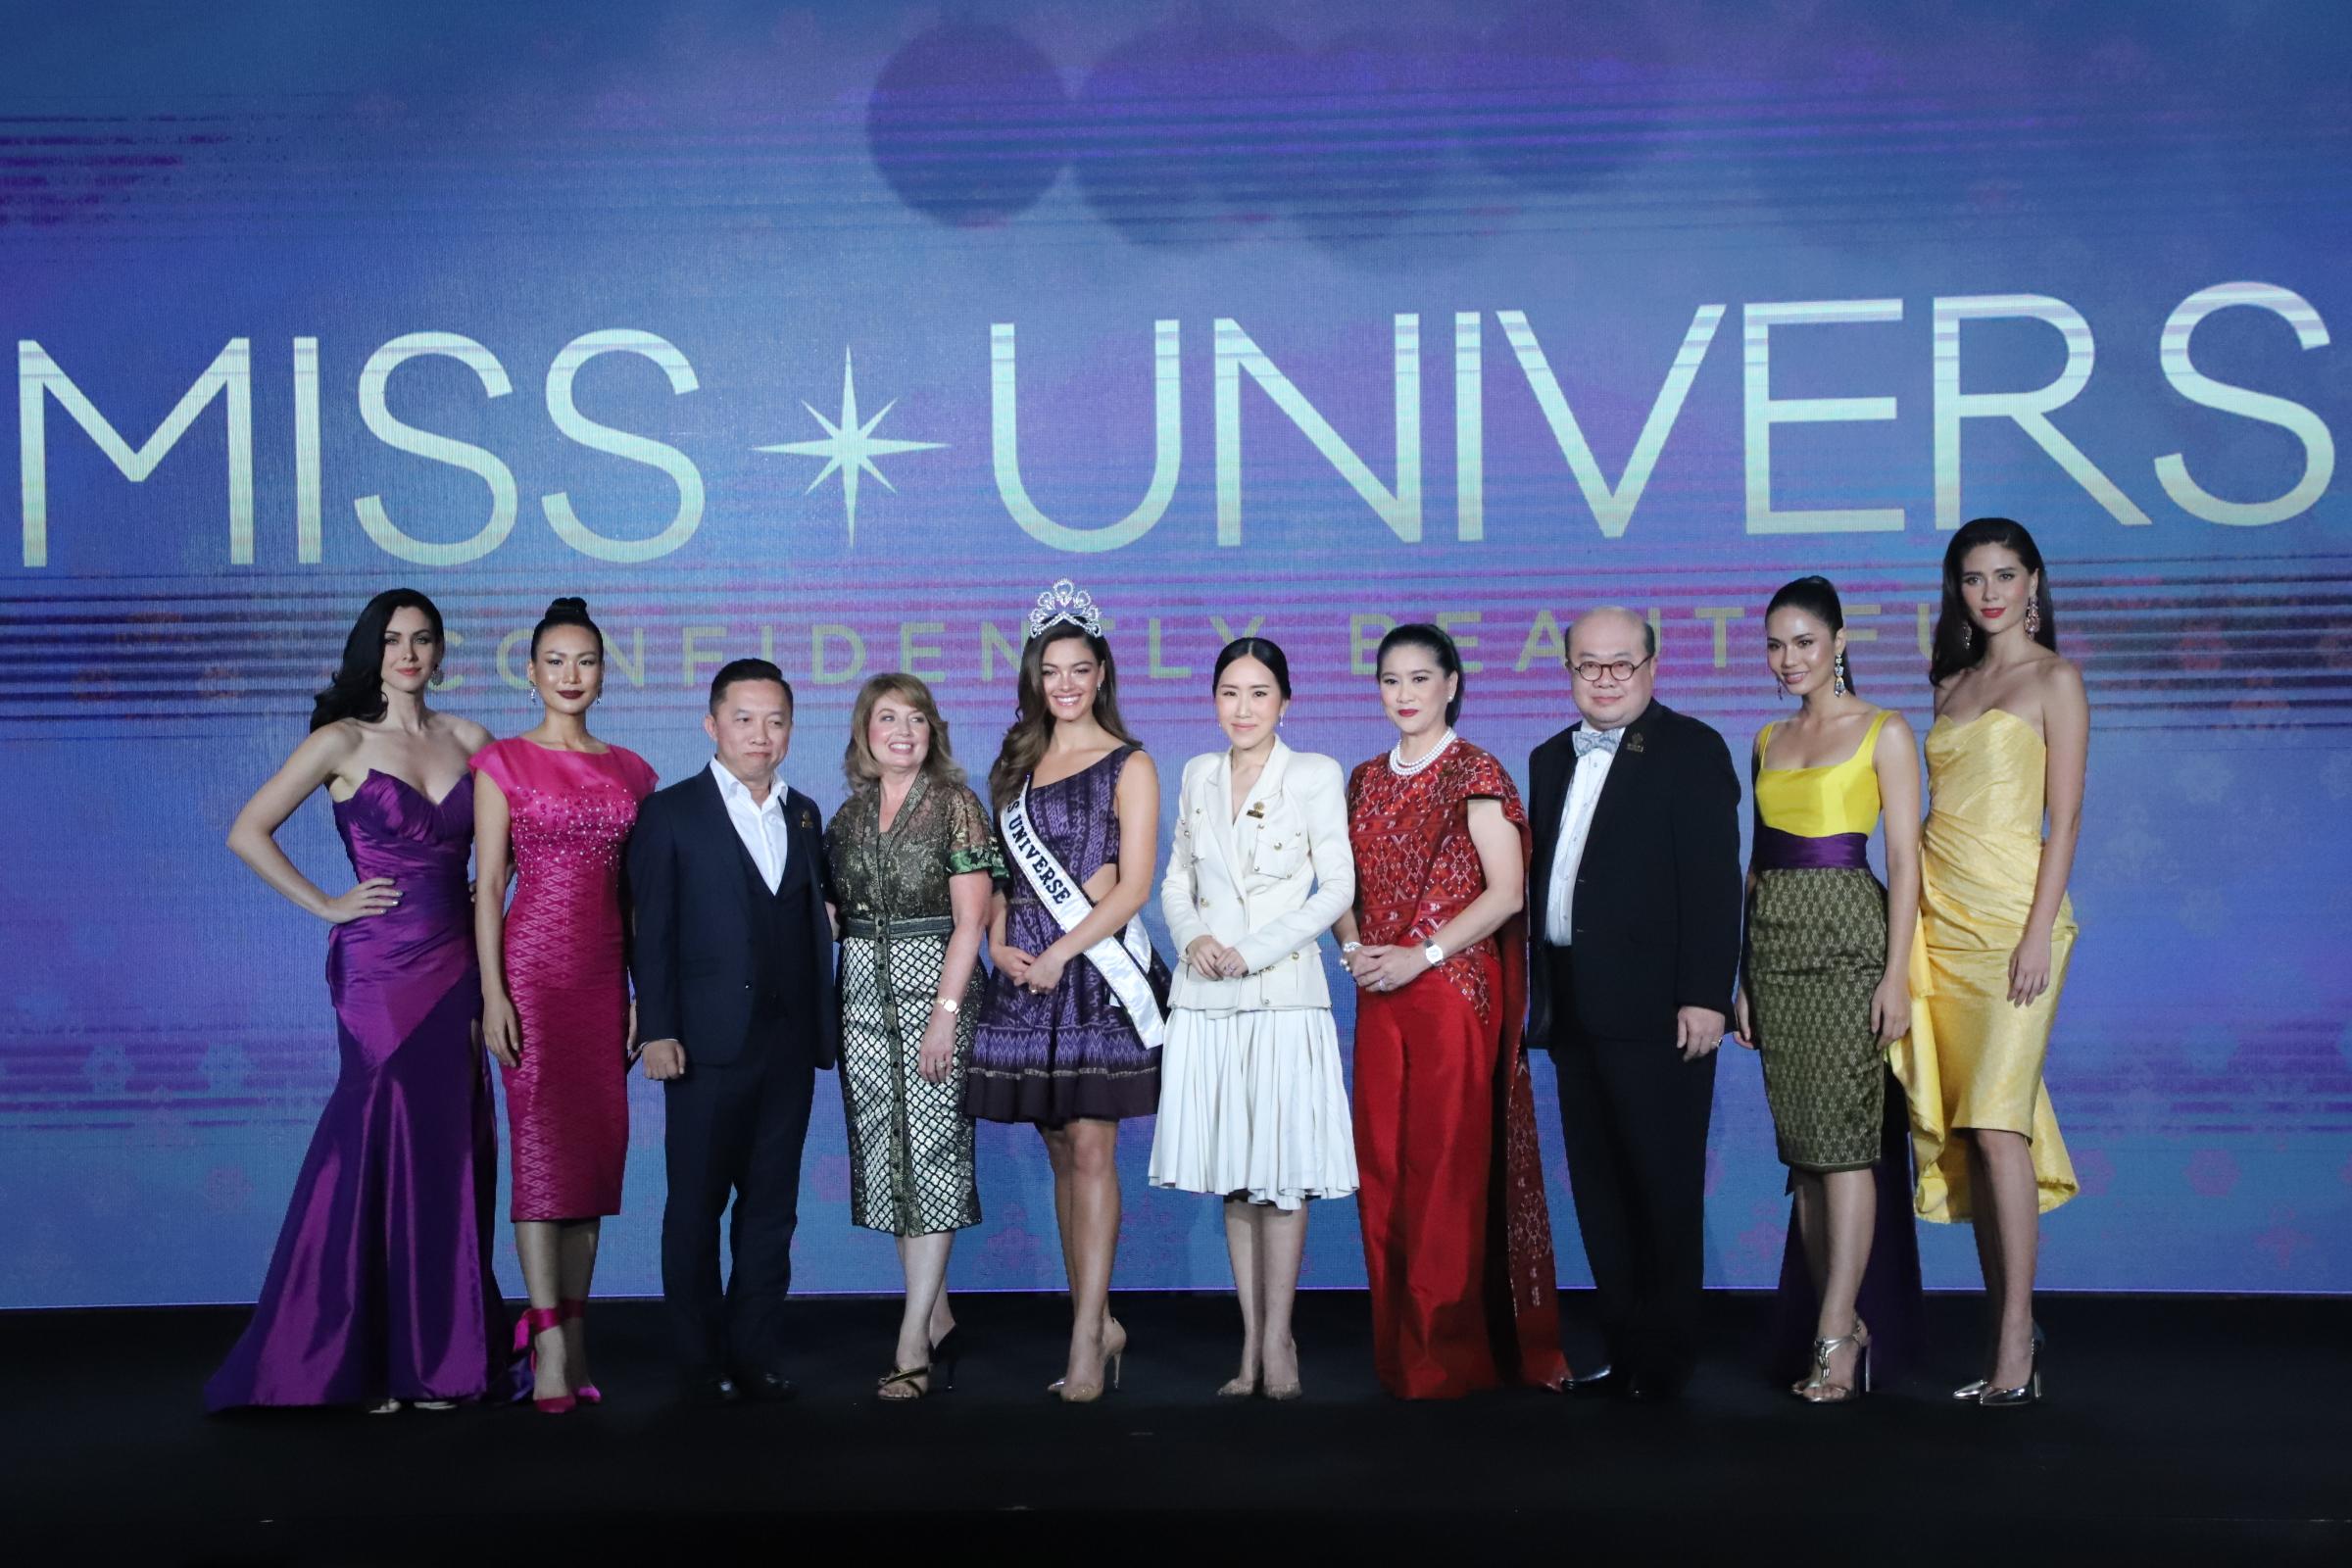 Les autorités thaïlandaises ont annoncé que le pays était prêt pour le concours Miss Univers, qui se tiendra le 14 décembre